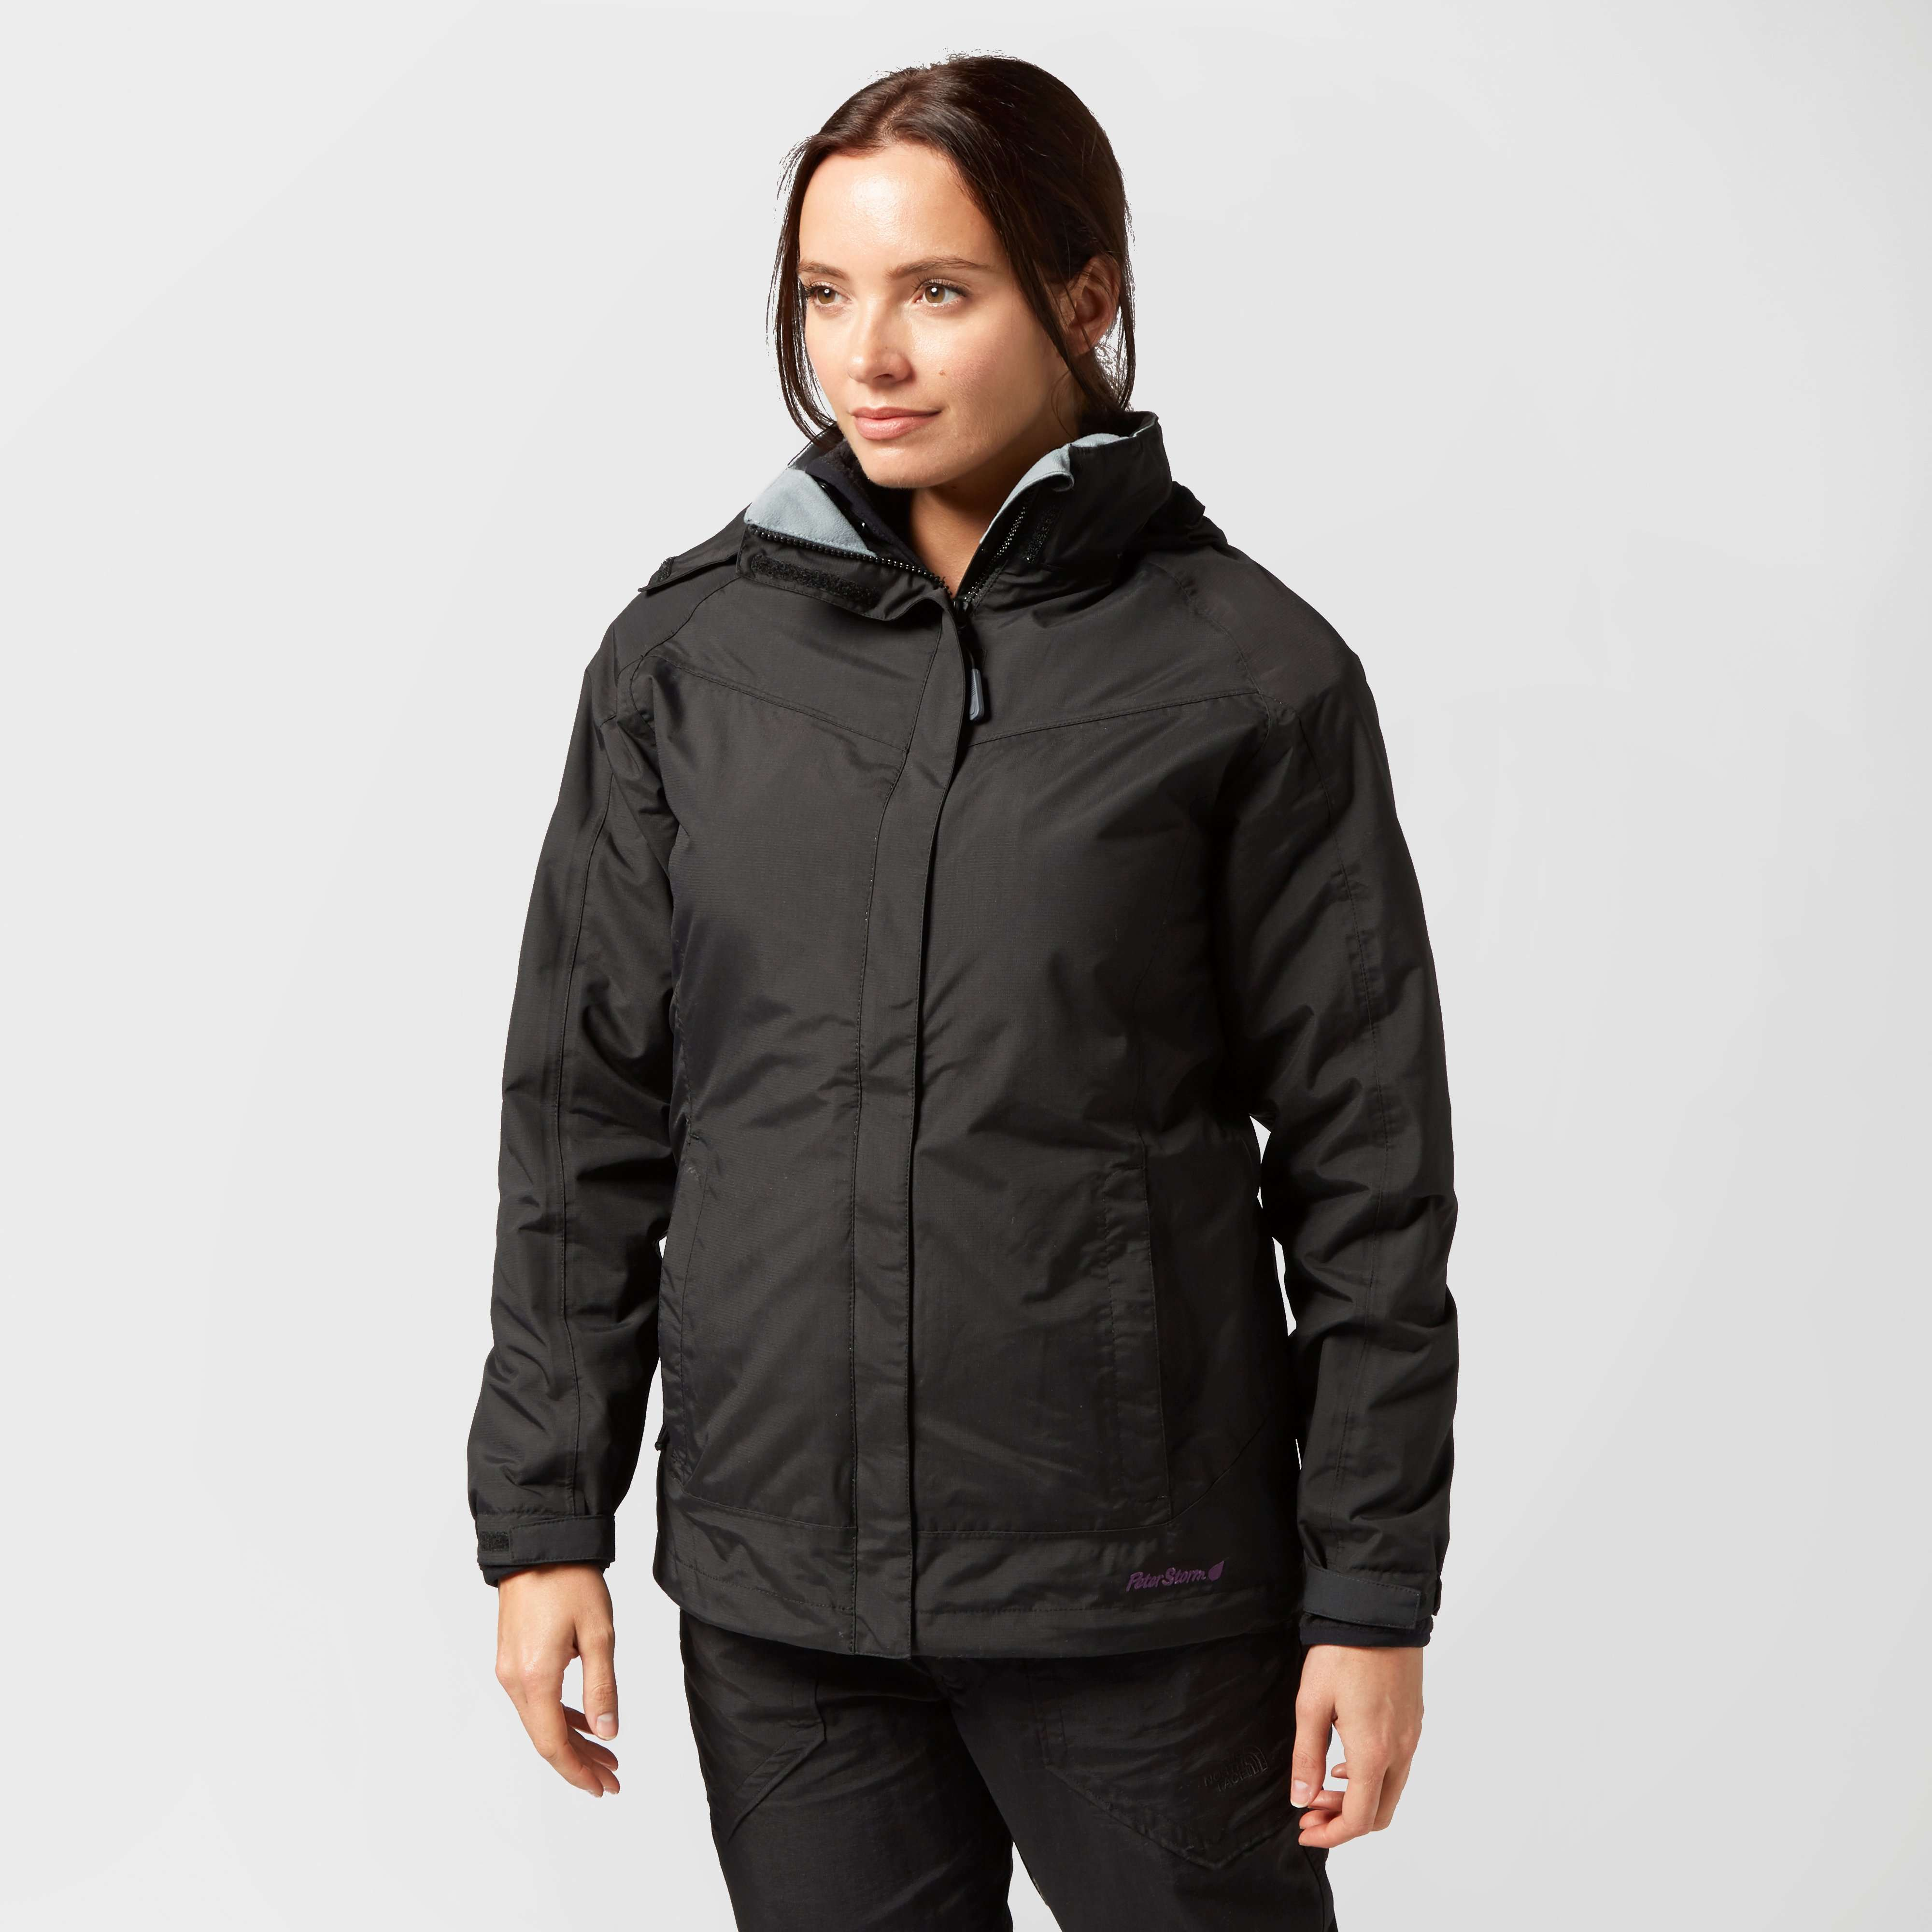 PETER STORM Women's Hurricane 3 in 1 Jacket